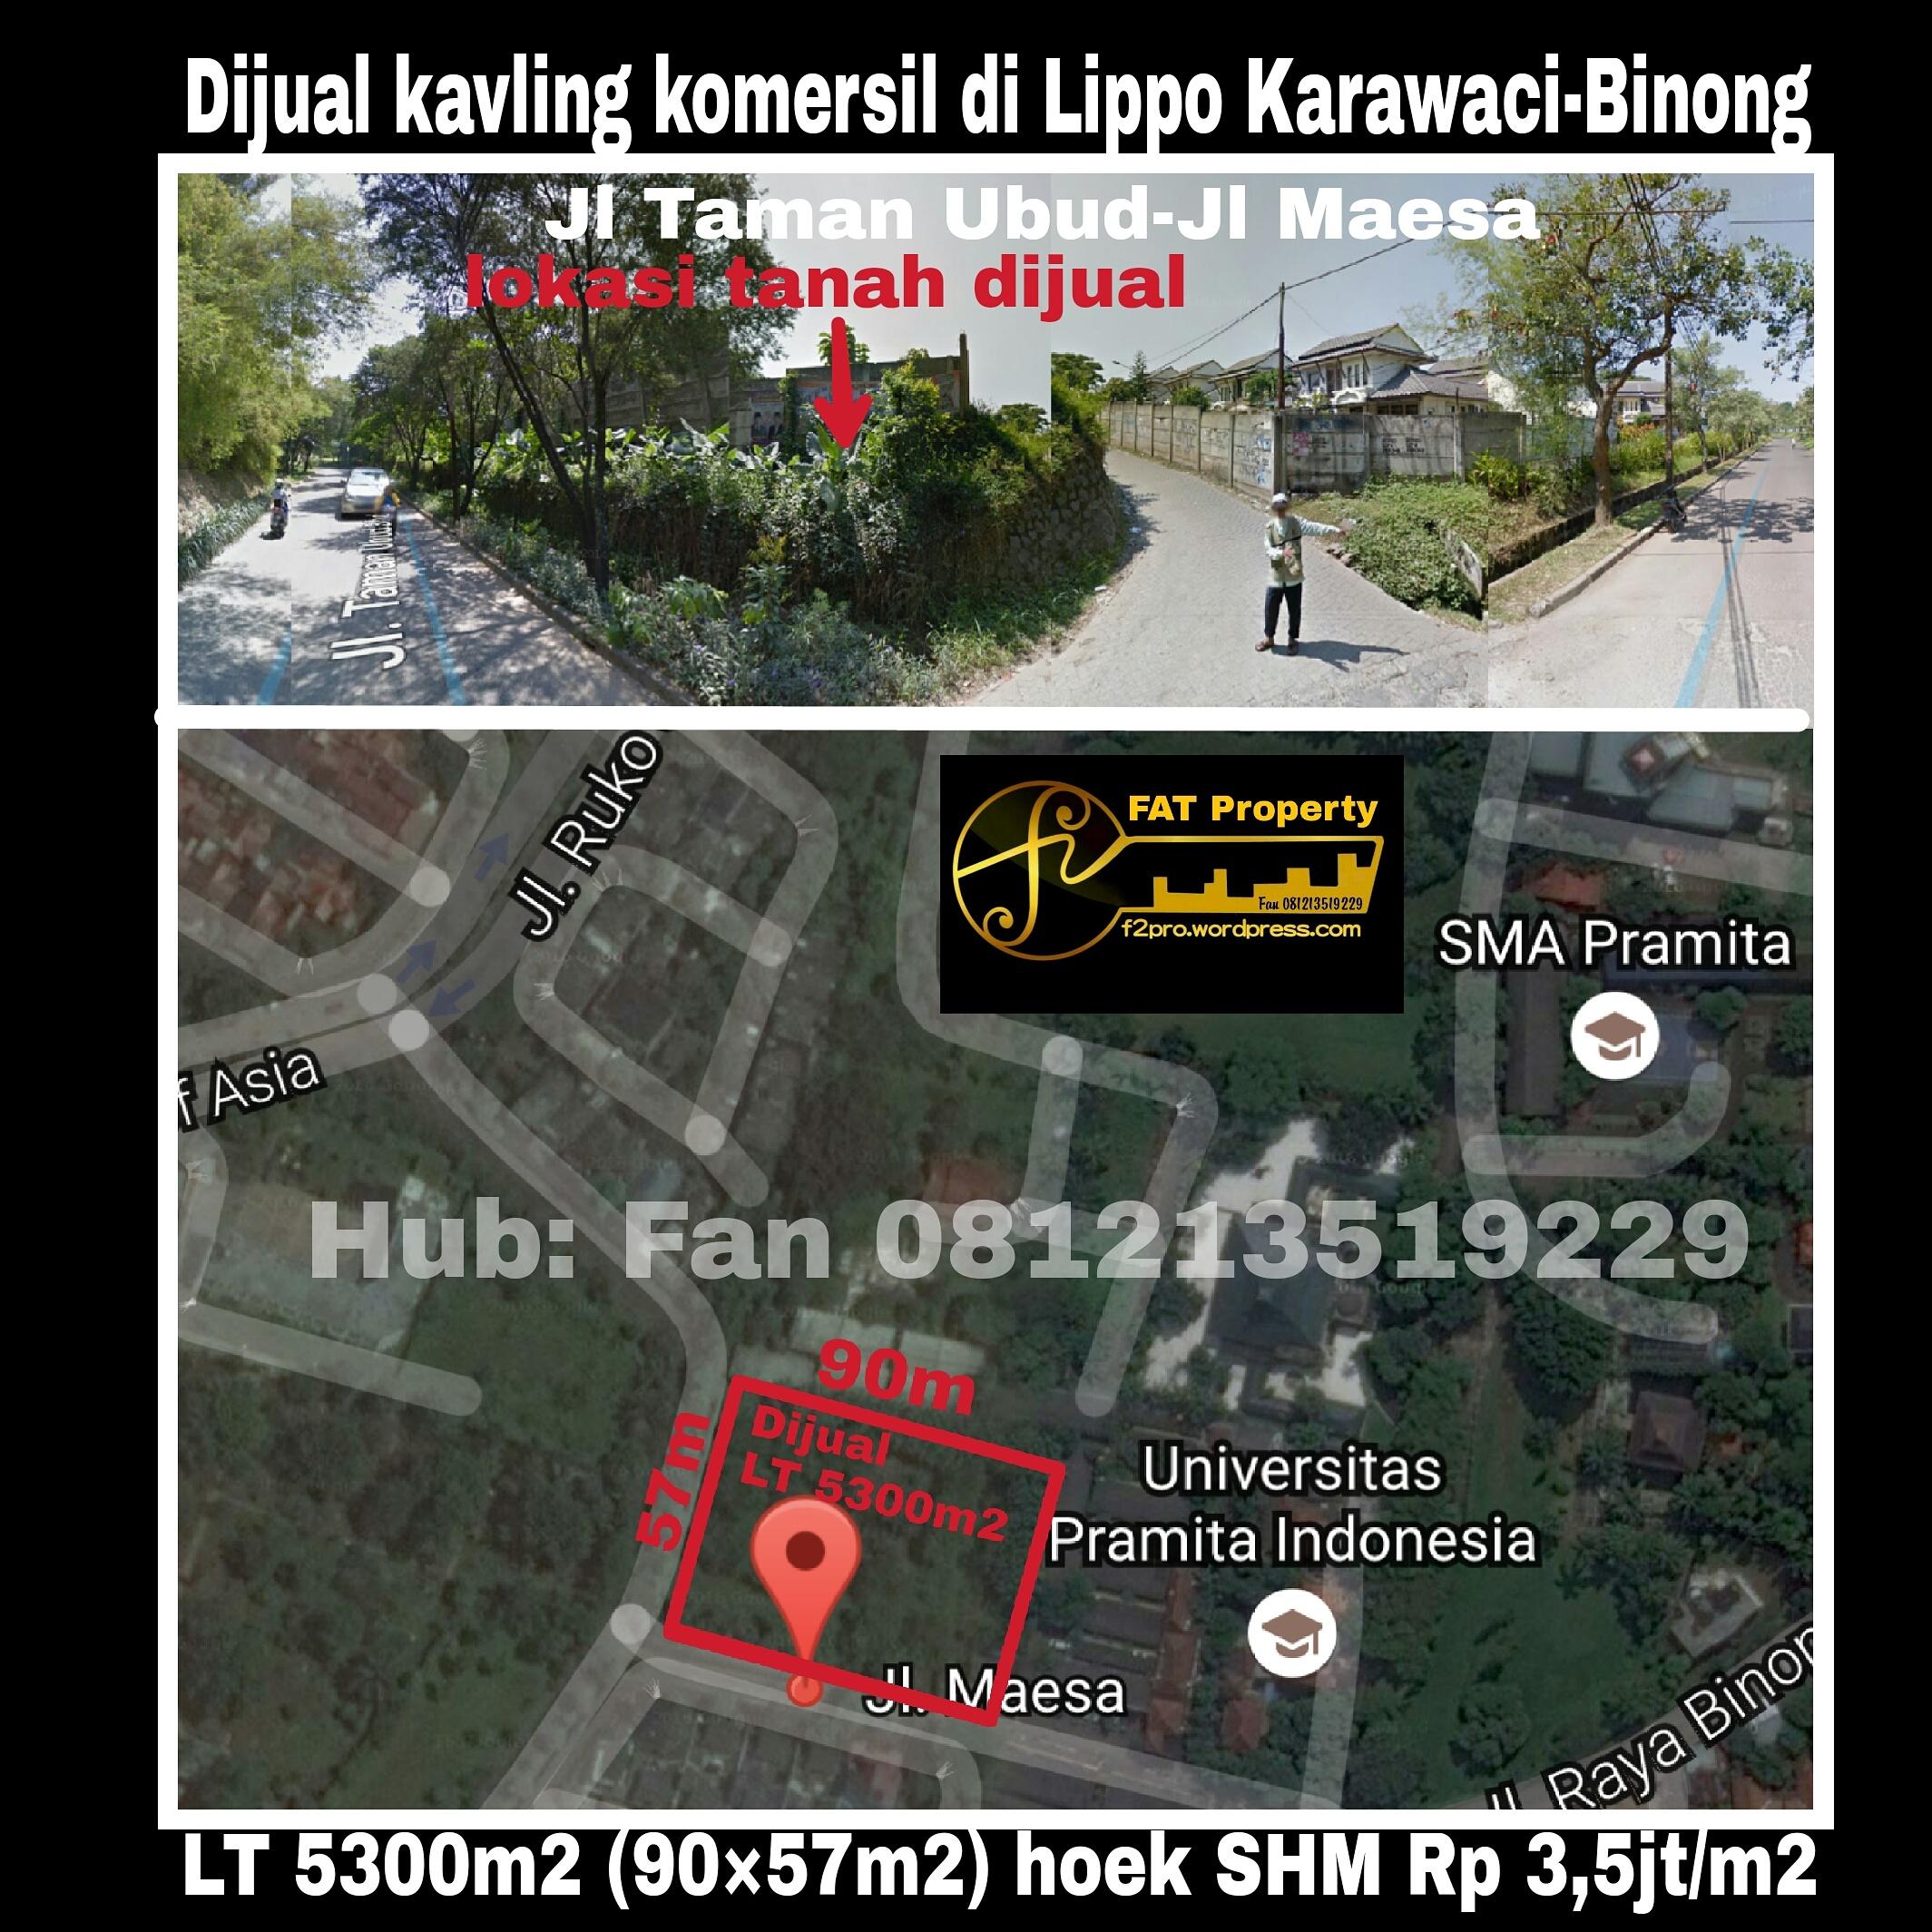 Tanah komersil di Lippo Karawaci-Binong.jpg